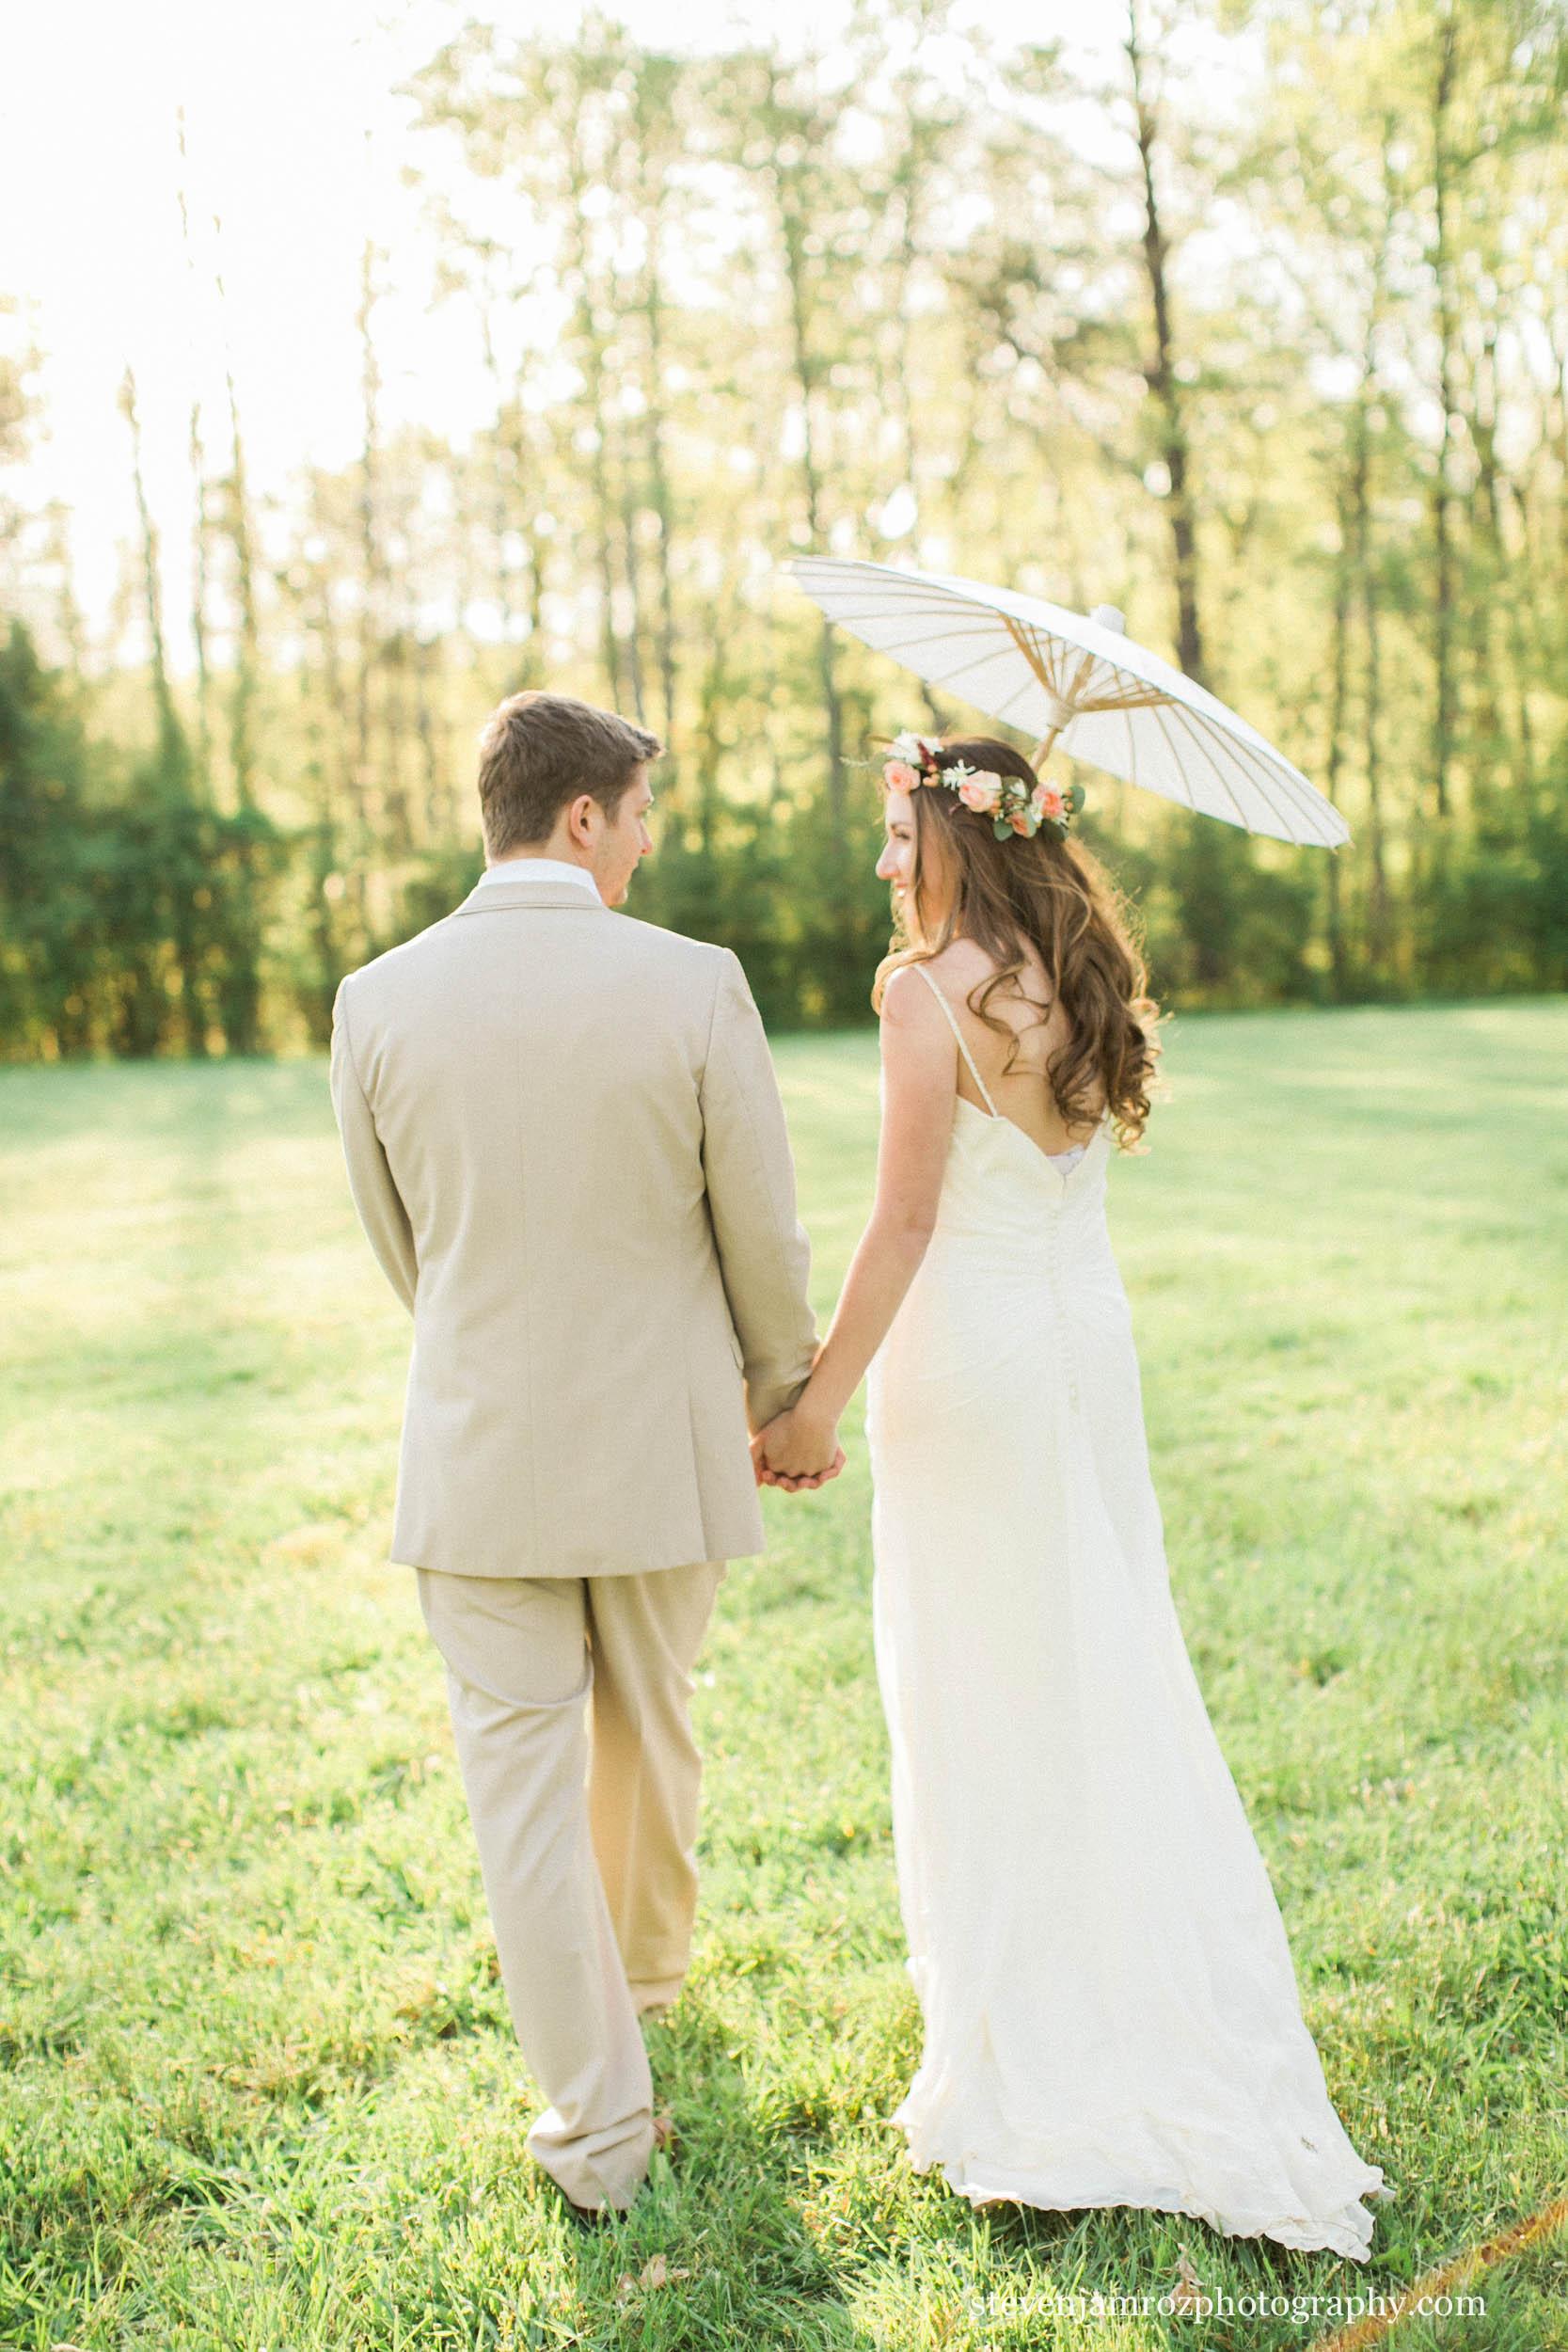 bride-groom-walking-cedar-grove-acres-wedding-styled-shoot.jpg